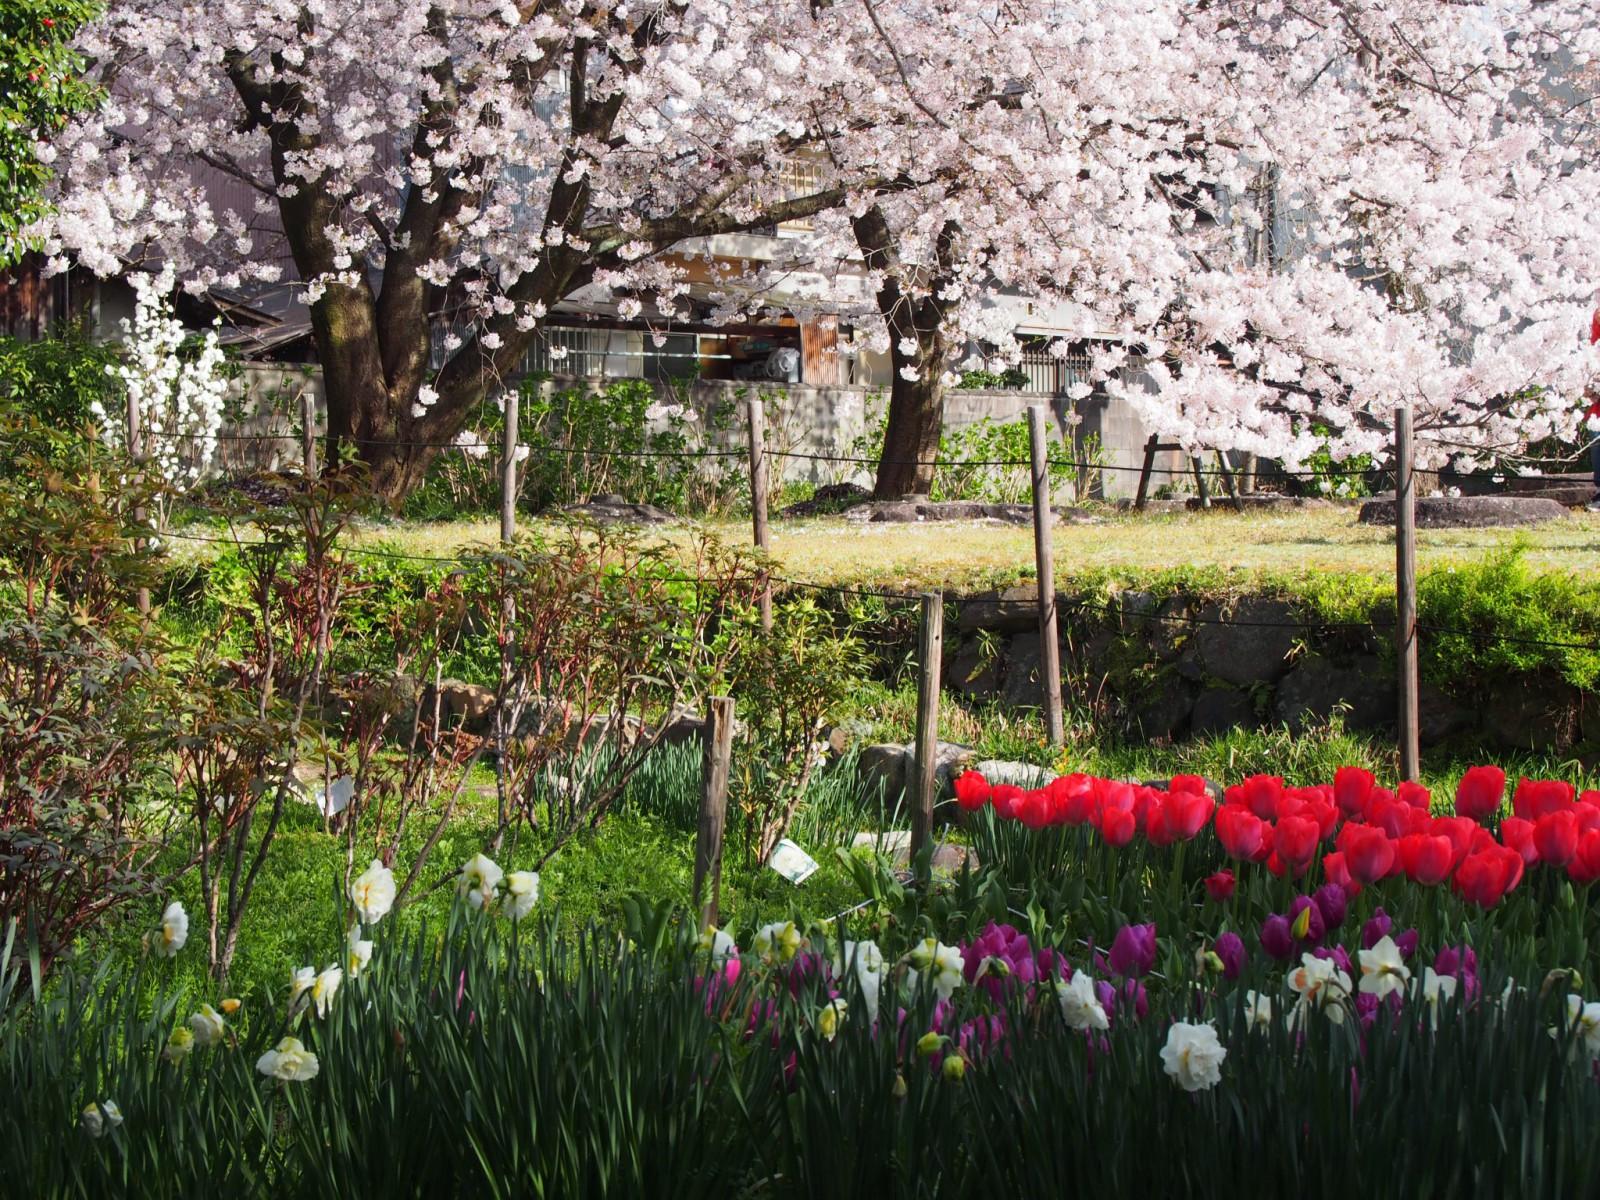 元興寺塔跡のチューリップ畑と桜の共演